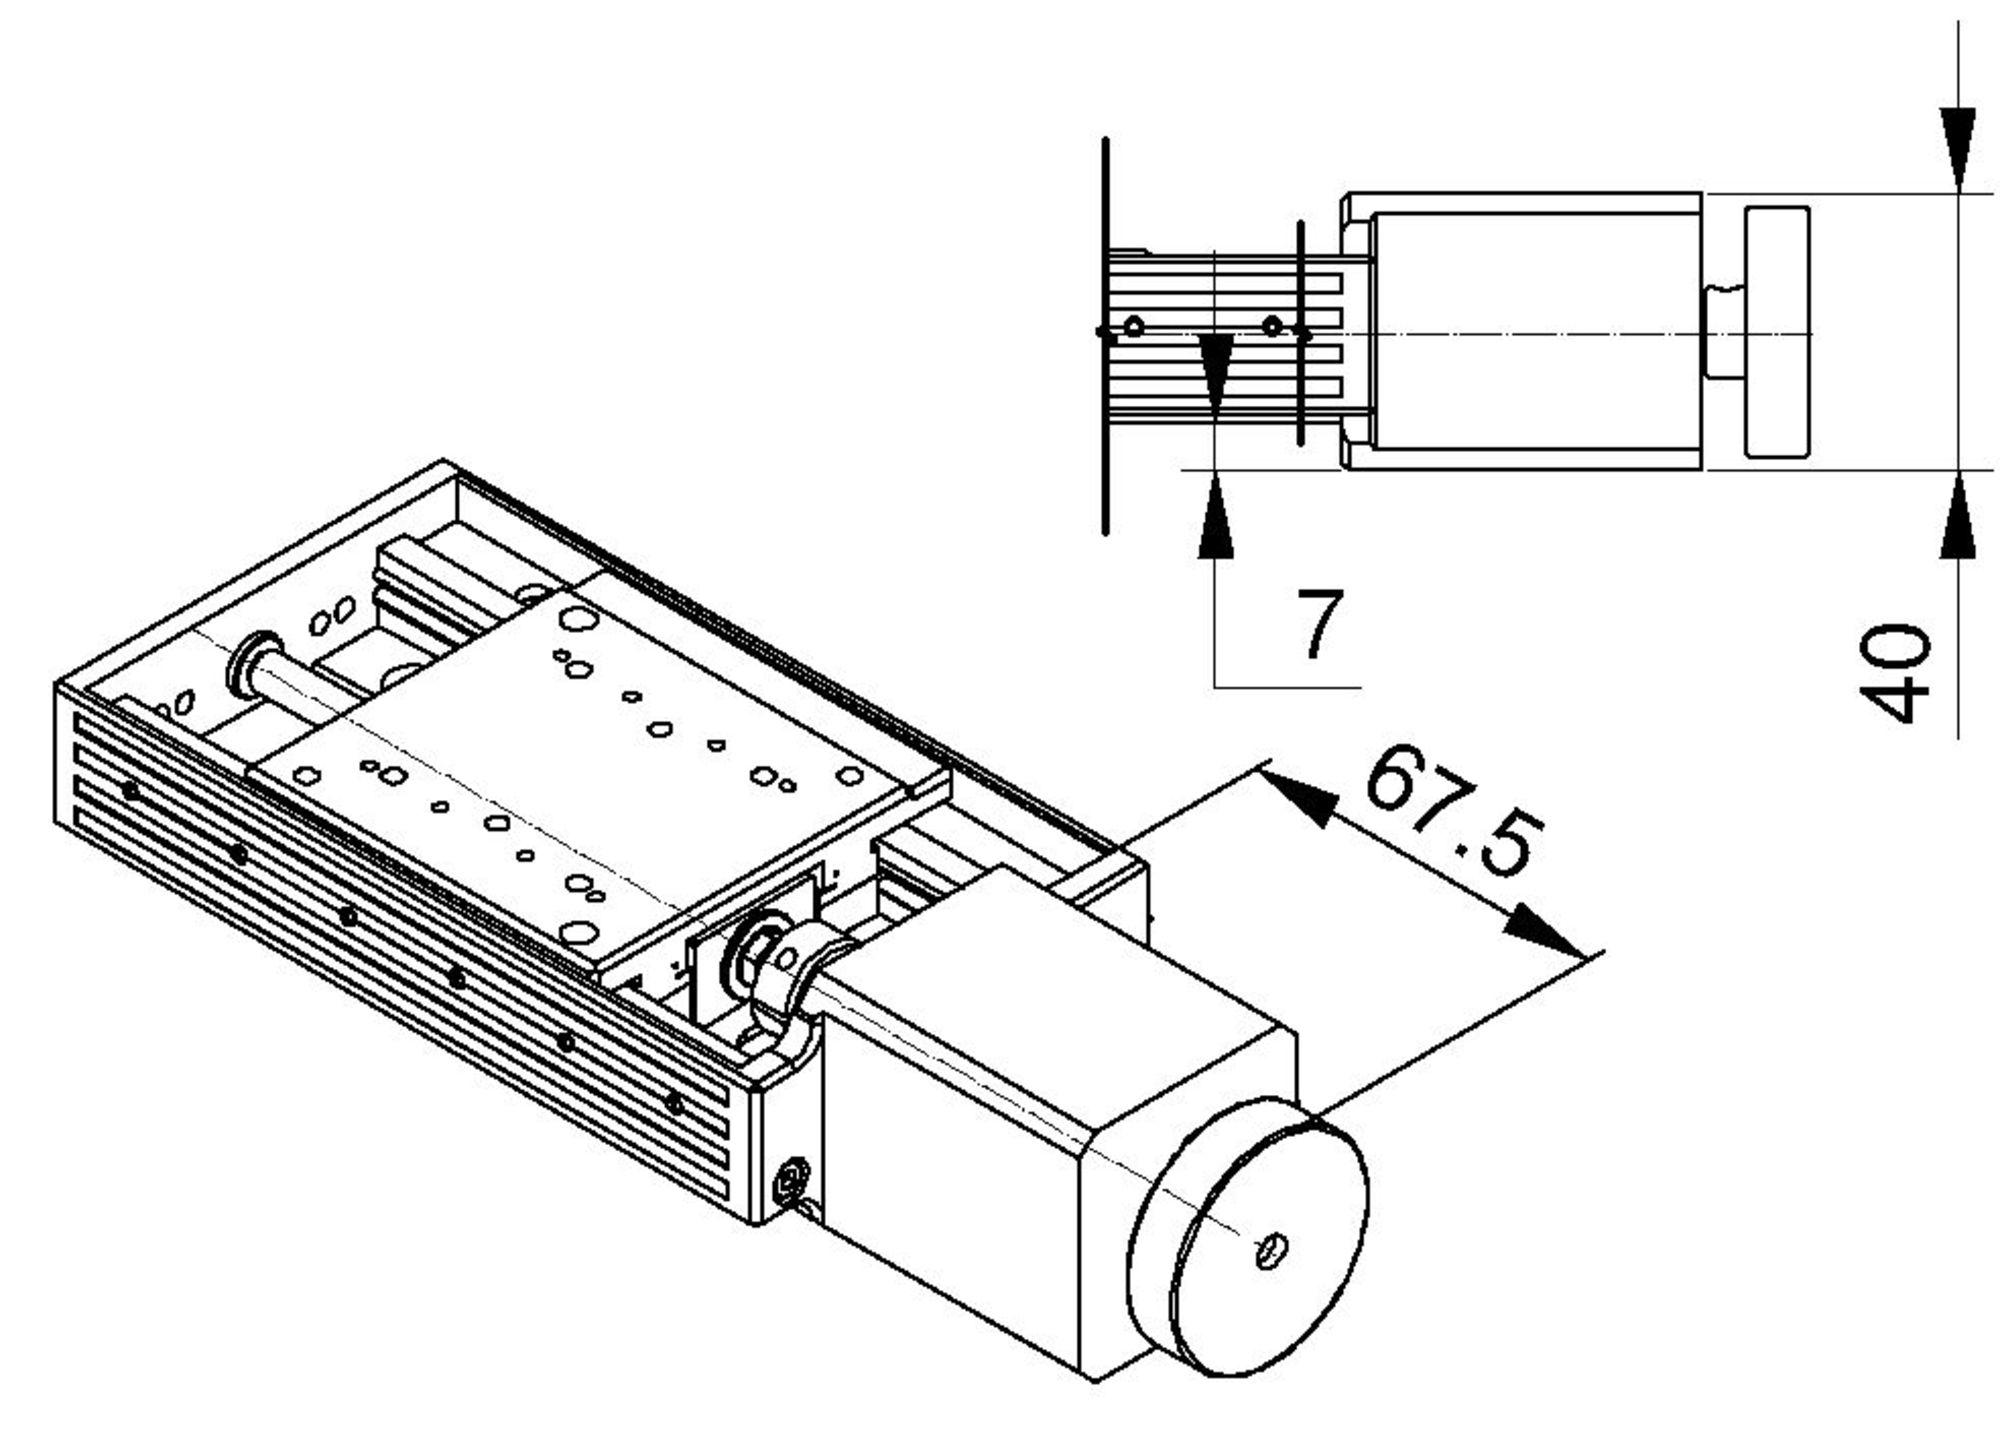 wiring diagram for dc motor wiring diagram database 4 Wire DC Motor Diagram diagram of ac motor wiring diagram database stab shunt dc motor wiring ac dc reversible motor